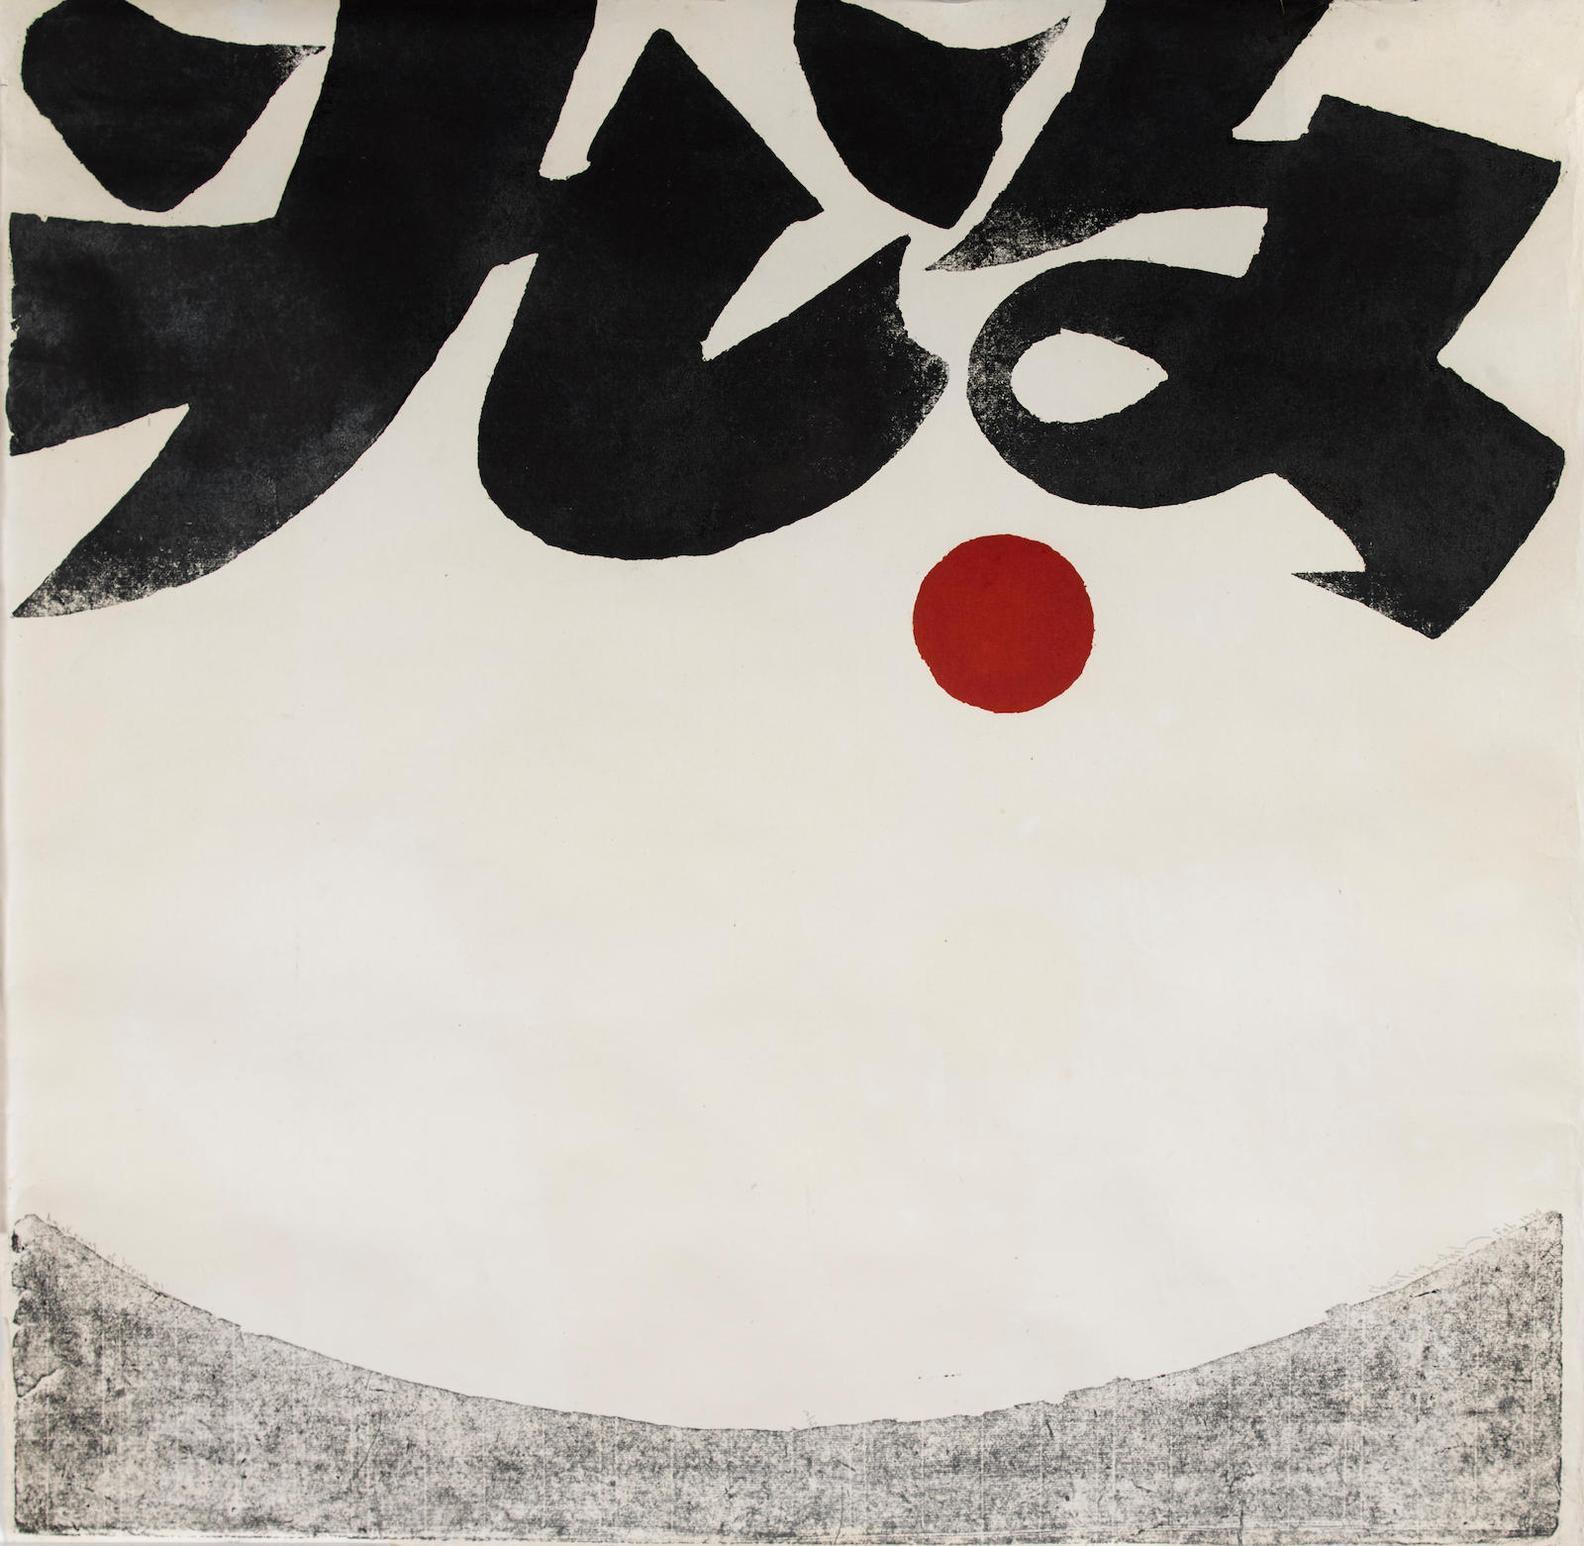 Chen Ting-Shih-Awakening Of Spring #1-1974